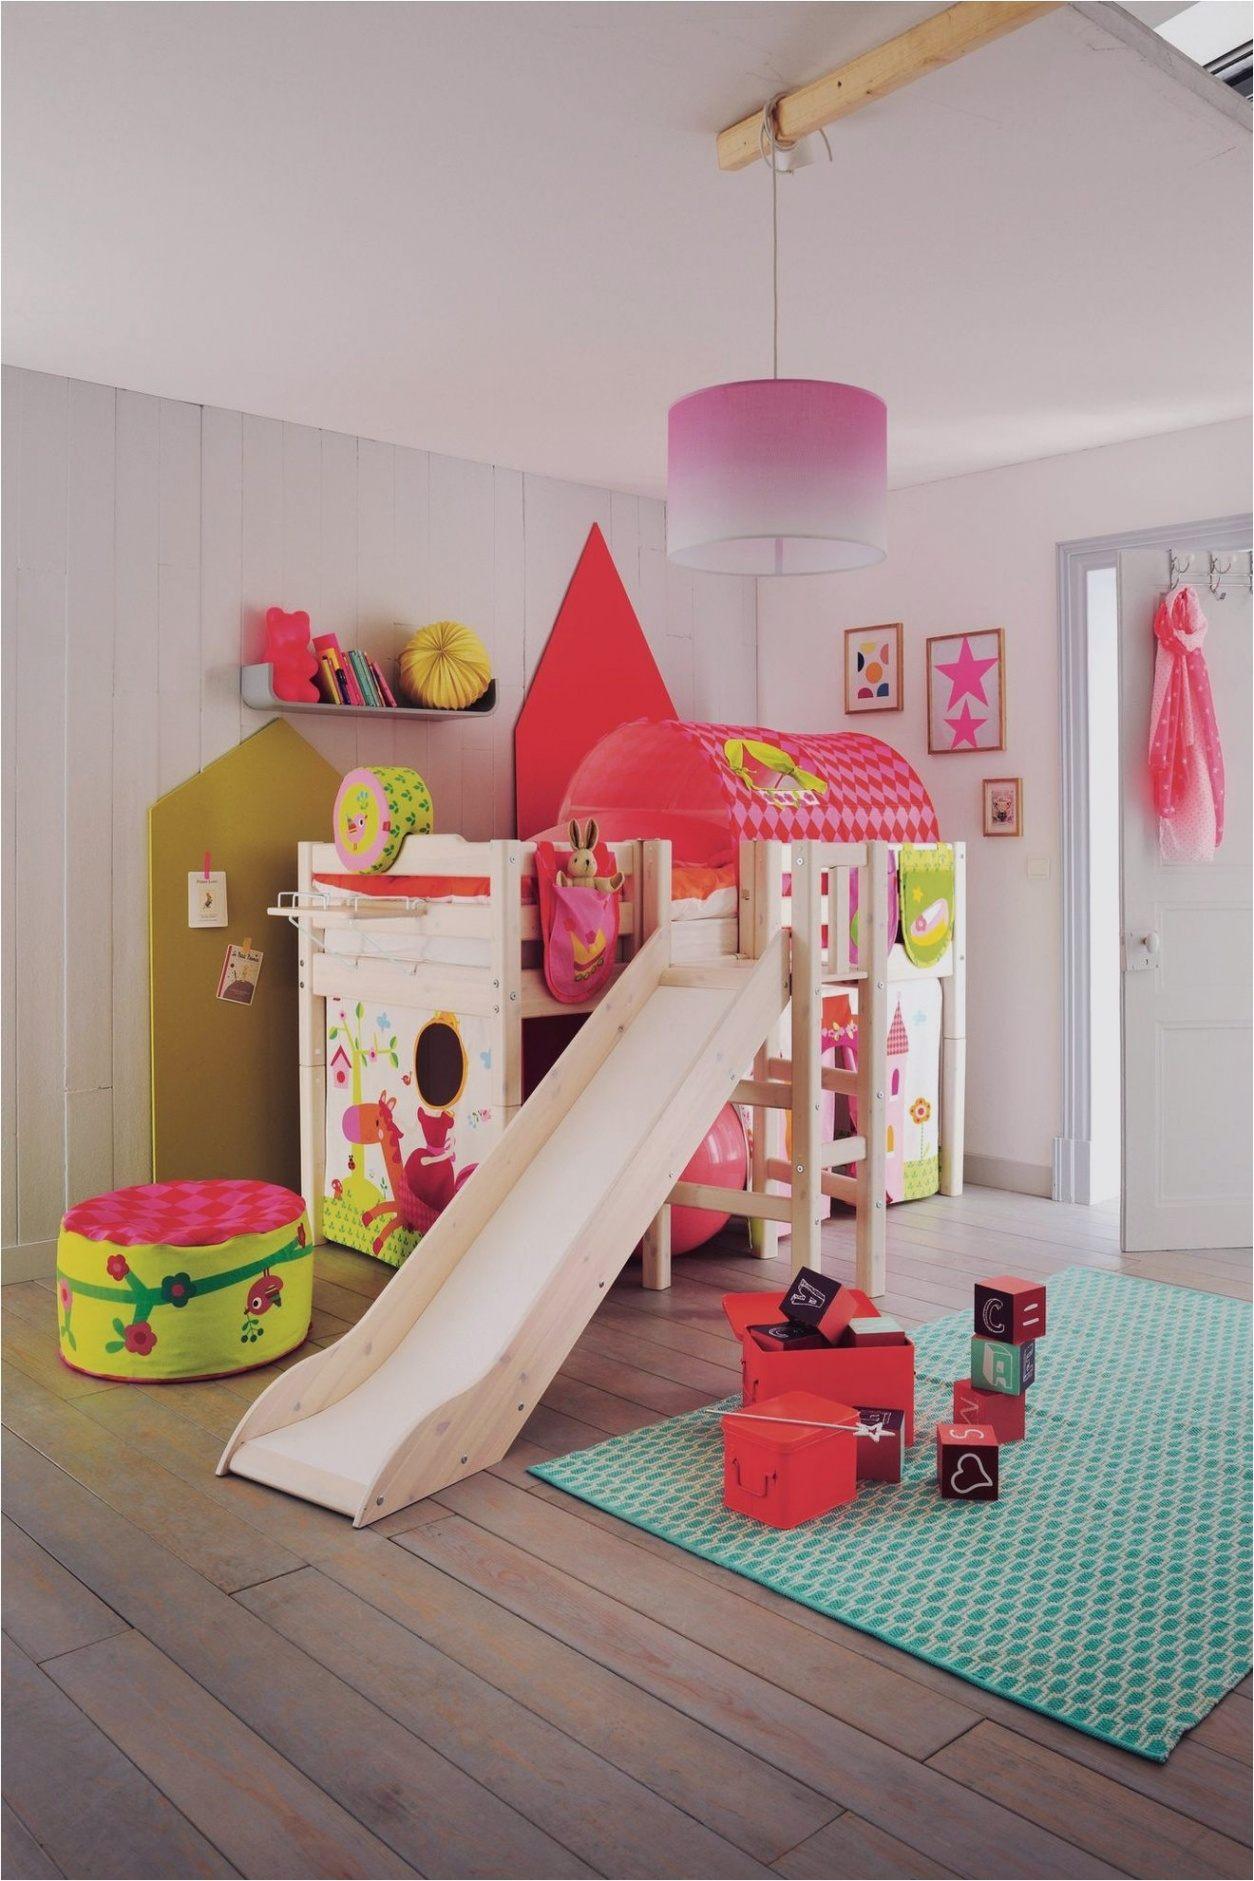 Lit toboggan Enfant Unique Chambre Enfant original — Mikea Galerie